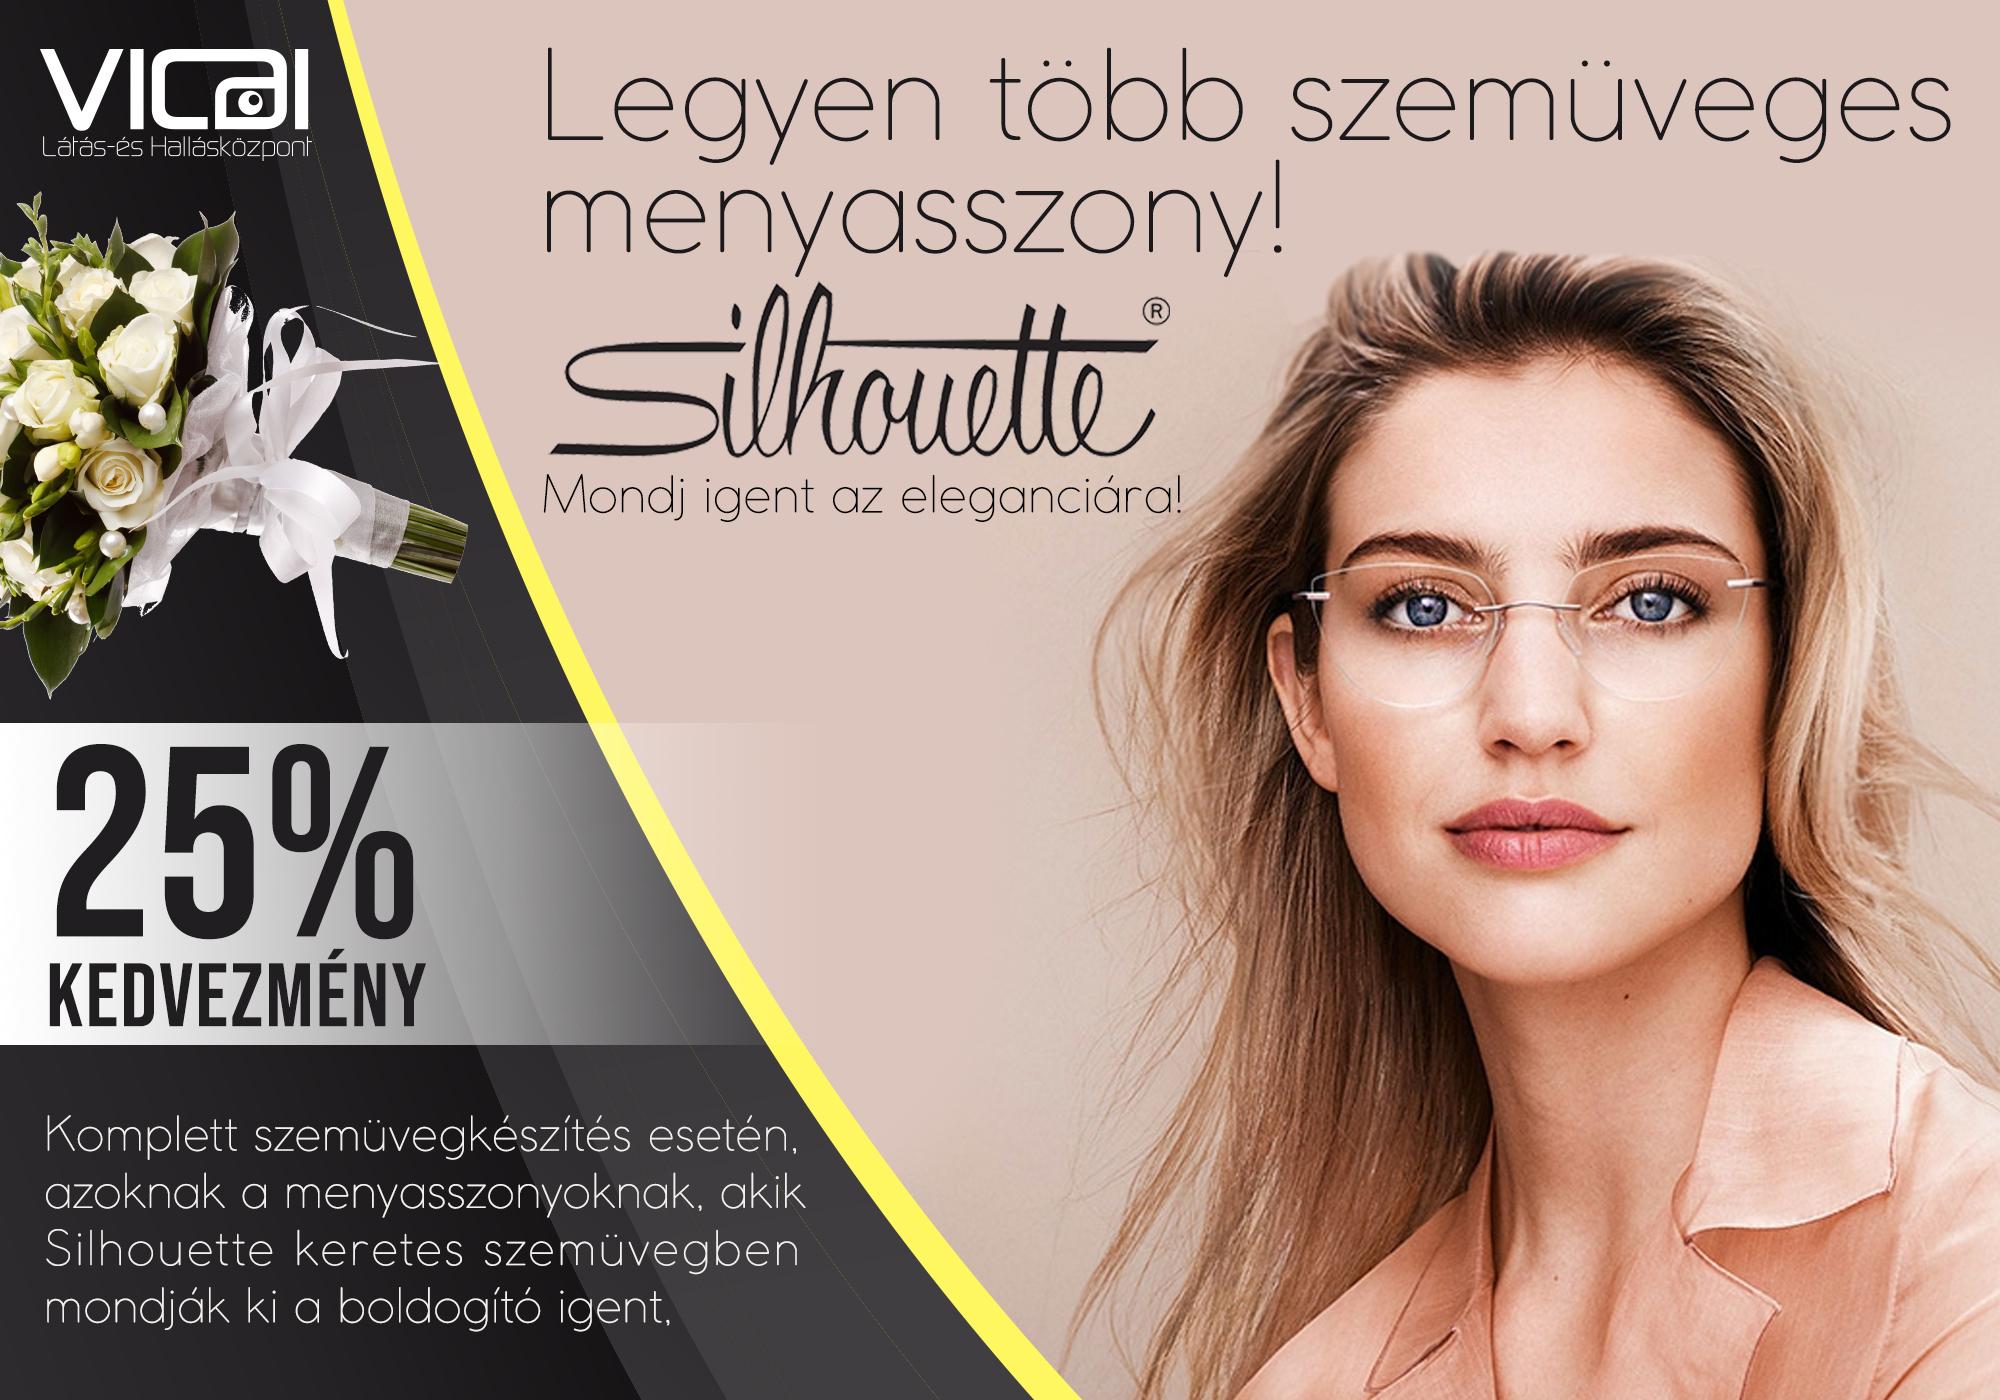 25% kedvezményt ajánlunk komplett szemüvegkészítés esetén a teljes vételár  összegéből azoknak a menyasszonyoknak c08278c99c